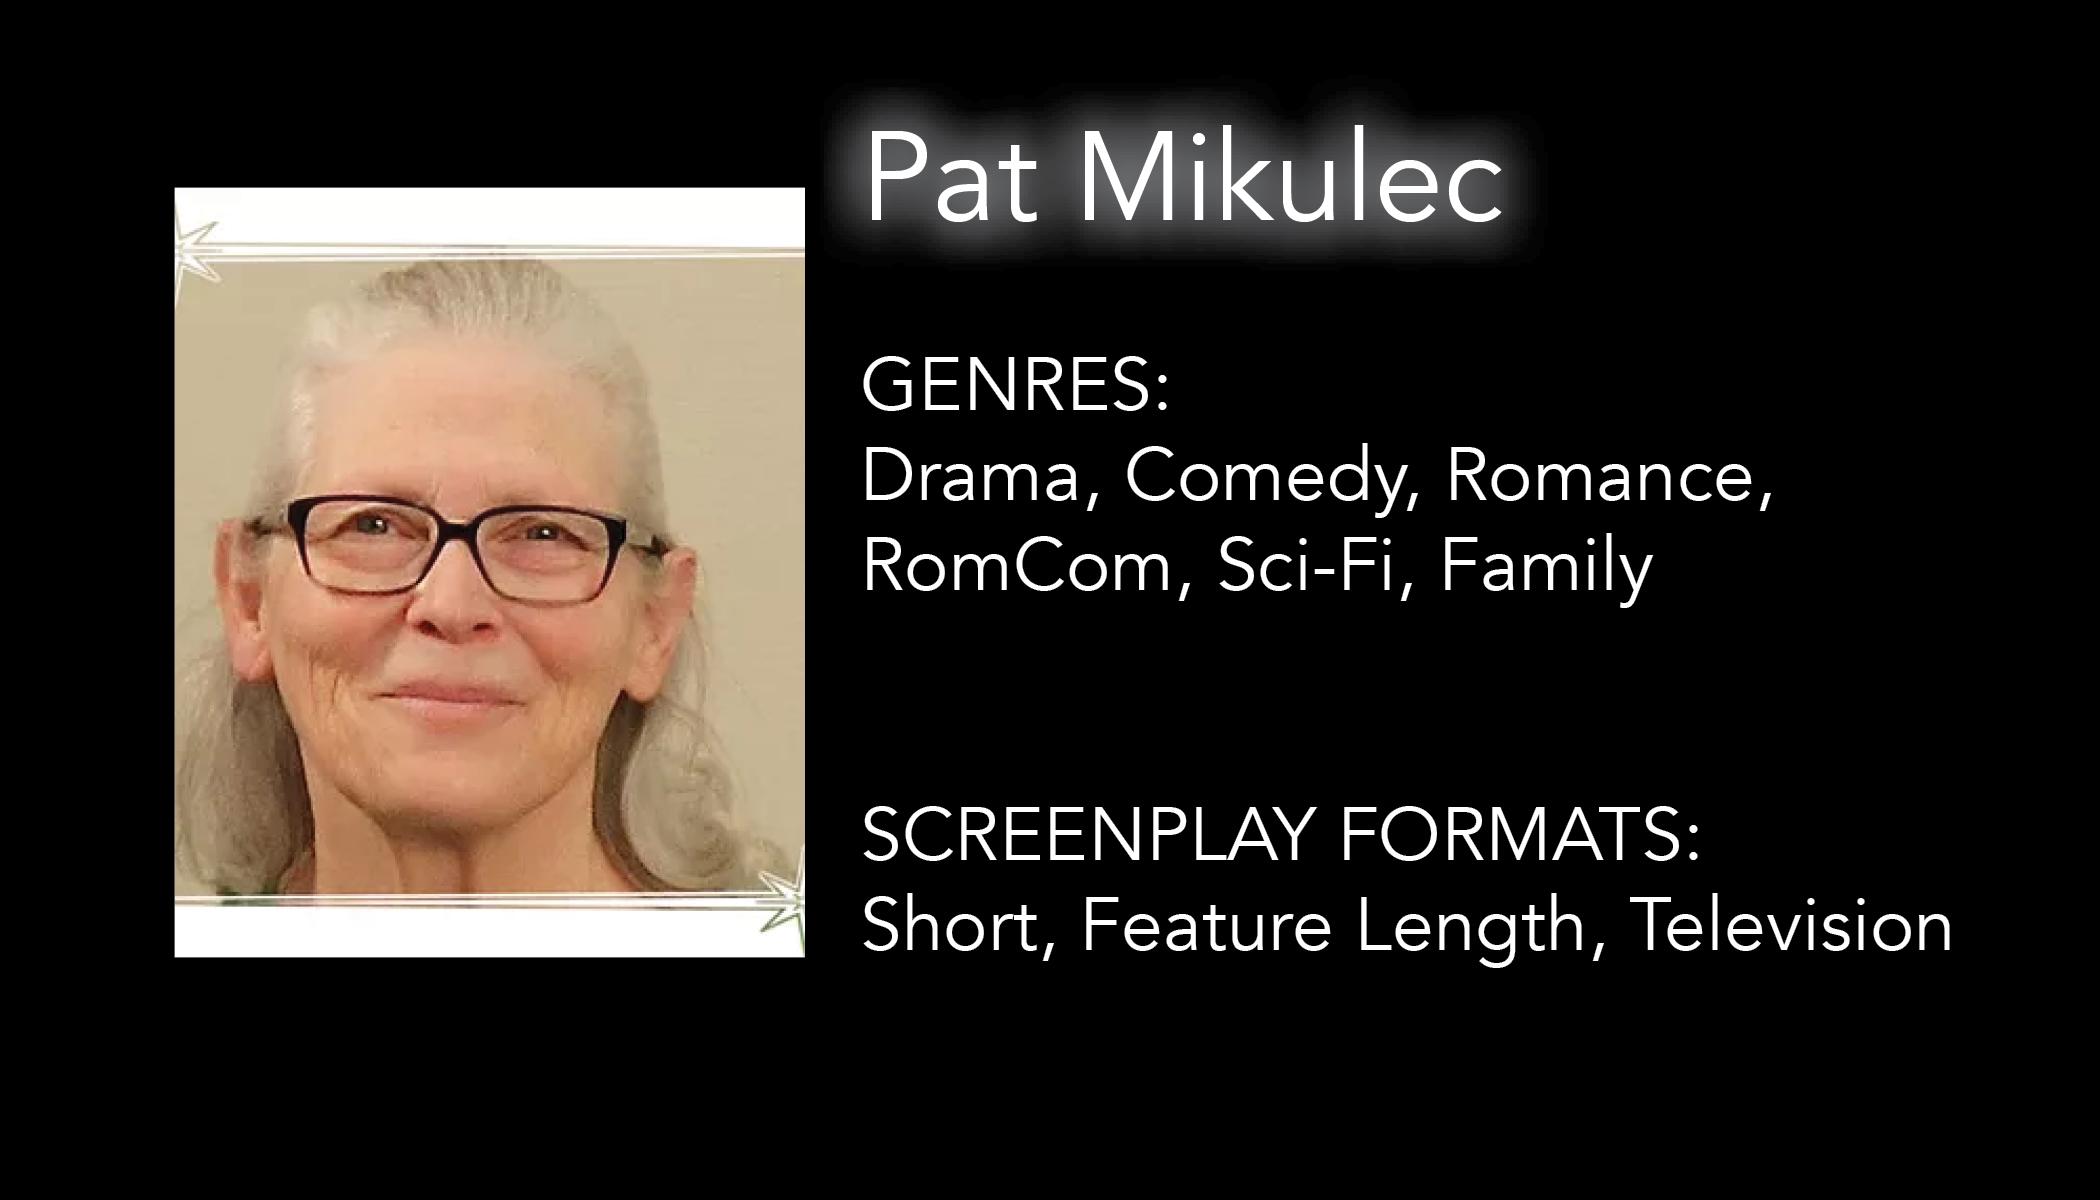 Pat Mikulec